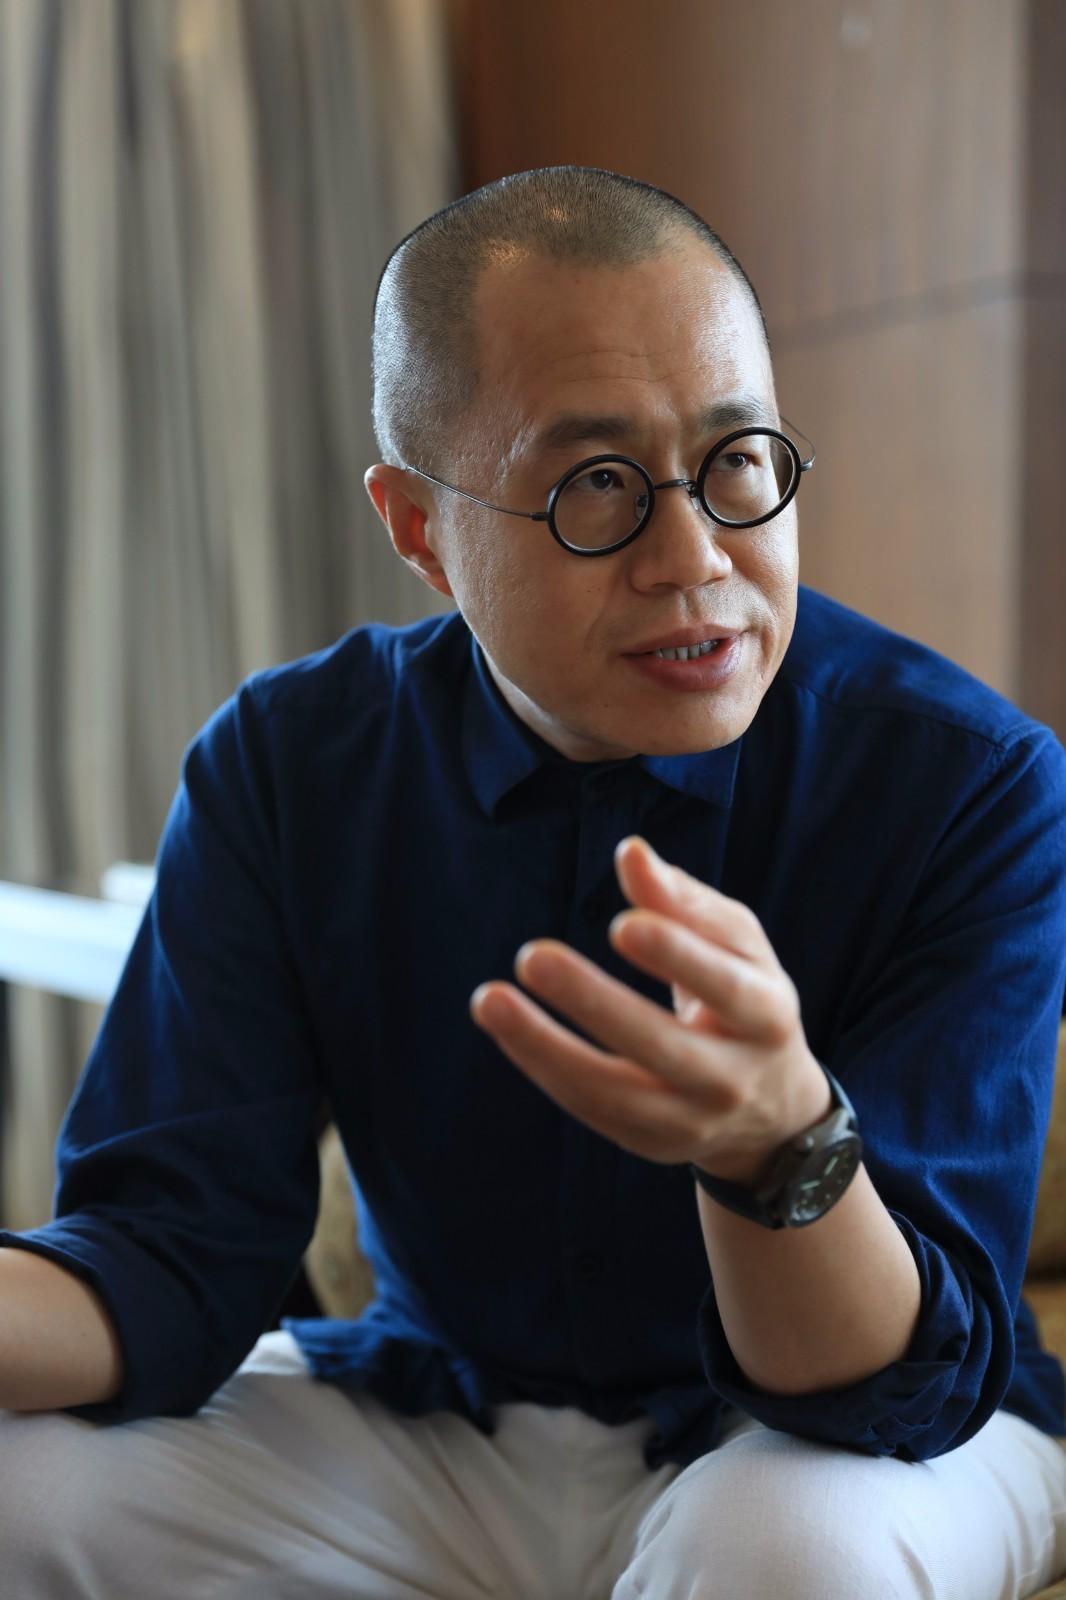 梁文道_梁文道:我的生活状态不可复制_搜狐社会_搜狐网